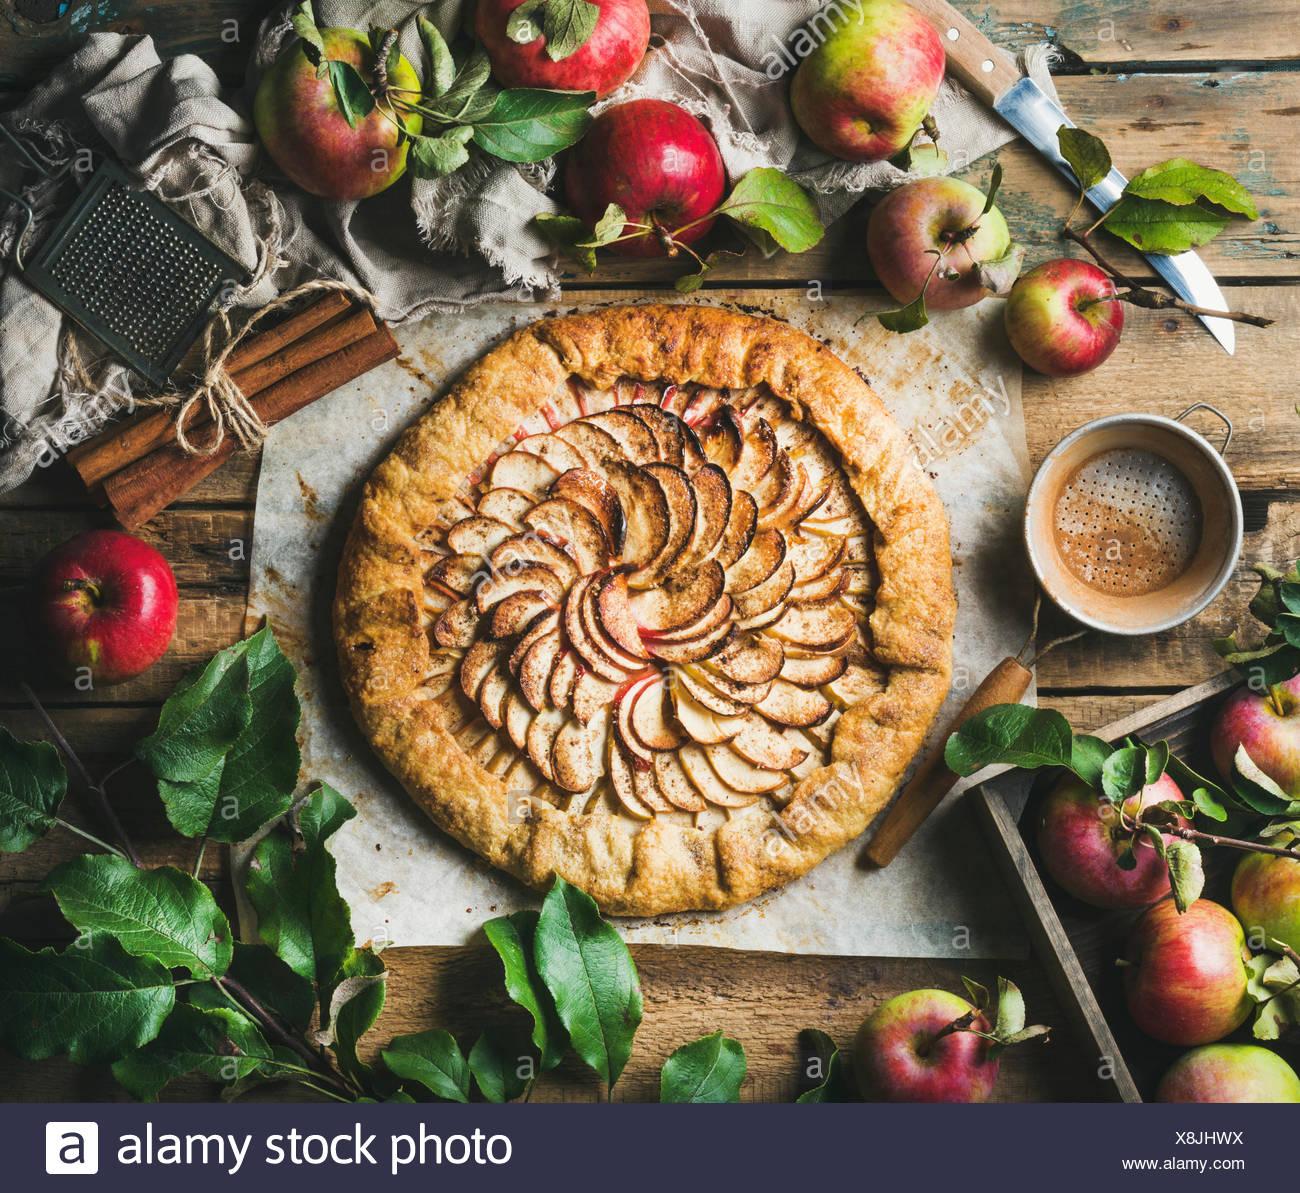 Crostata apple pie à la cannelle servi avec pommes fraîches jardin avec des feuilles sur fond de bois rustique, vue du dessus, c horizontale Photo Stock